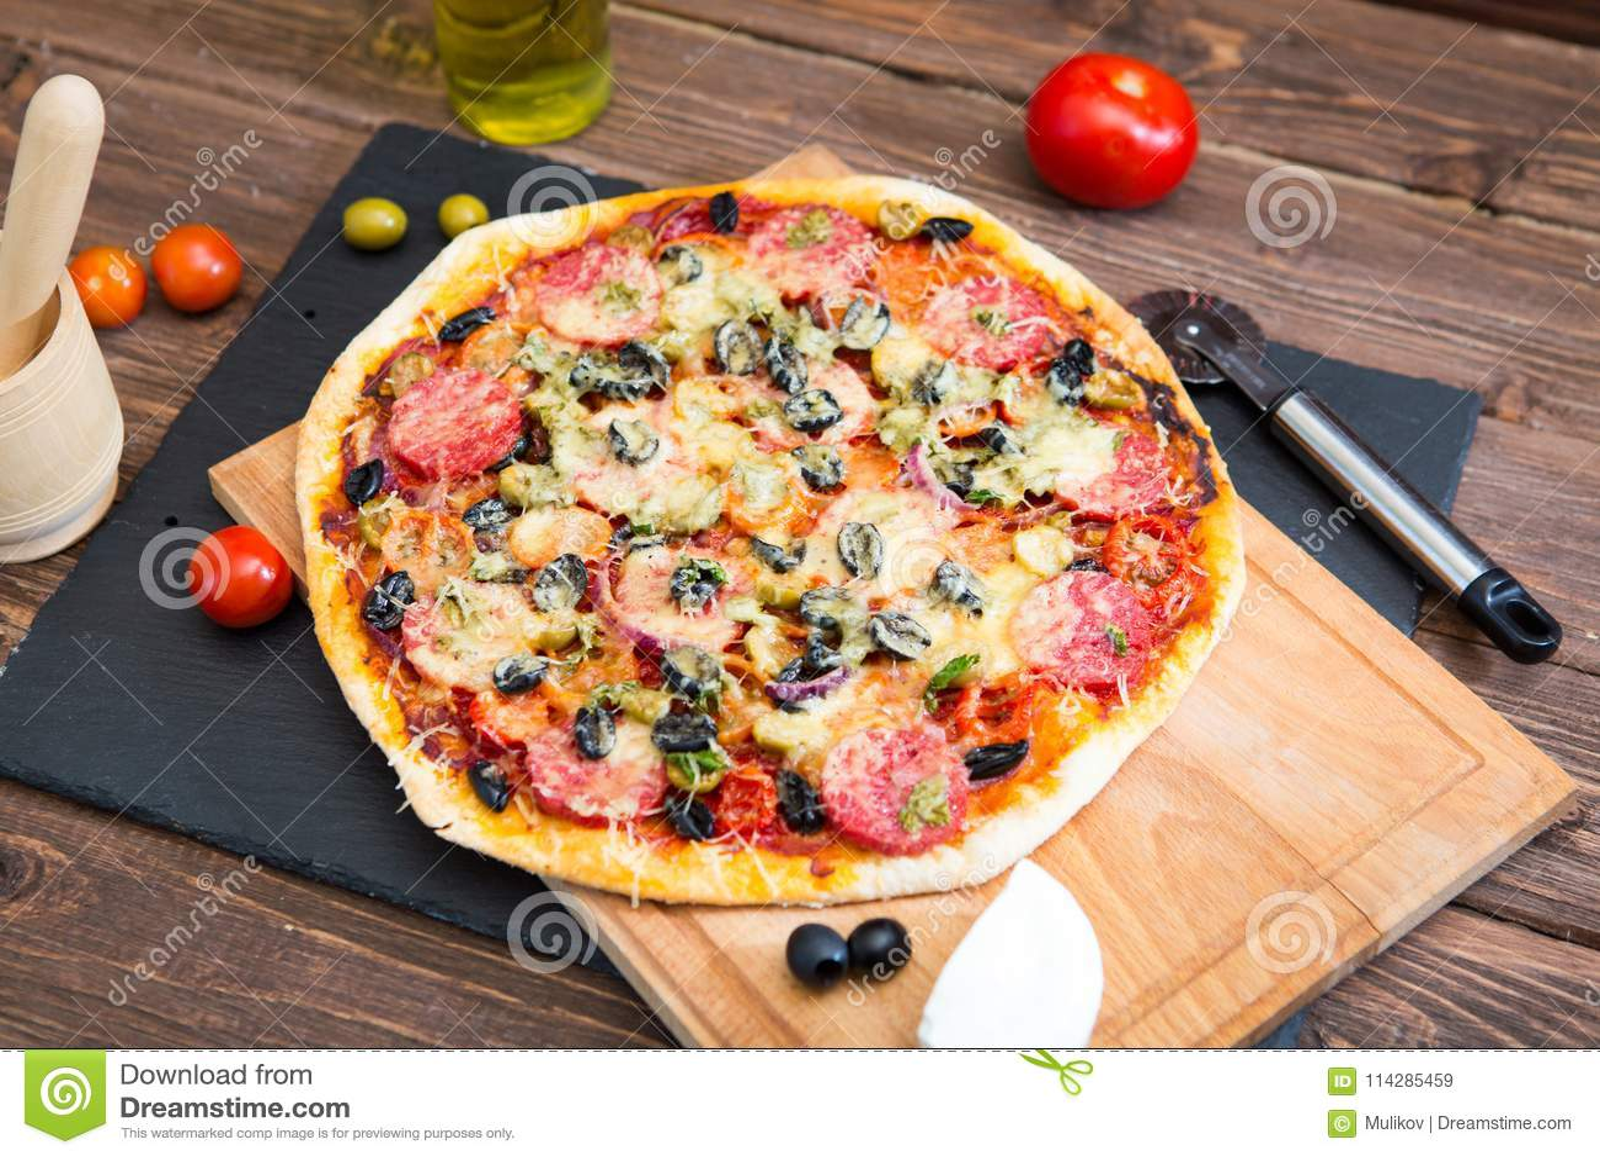 Tavola Da Mangiare.Merguez Casalinghe Calde Sulla Pizza Di Legno Della Tavola